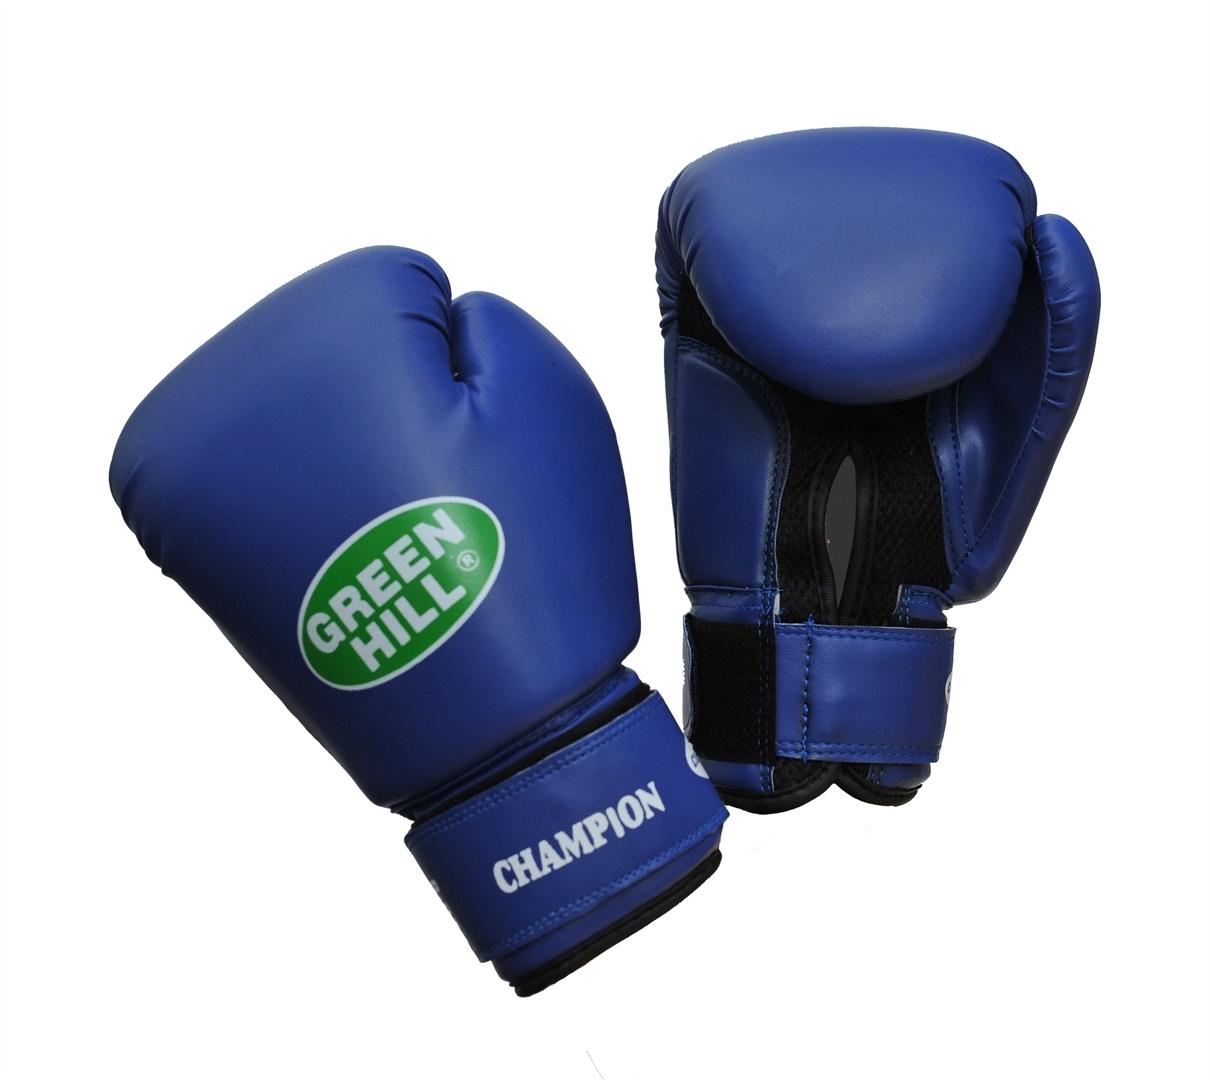 Перчатки боксерские Green Hill Champion, цвет: синий. Вес 10 унцийRivaCase 7560 greyБоксерские перчатки Green Hill Champion предназначены для тренировок и соревнований. Верх выполнен из синтетической кожи, наполнитель - из пенополиуретана. Вставка из прочной замшевой сетки в области ладони позволяет создать максимально комфортный терморежим во время занятий. Перчатка хорошо проветривается благодаря системе воздухообмена. Широкий ремень, охватывая запястье, полностью оборачивается вокруг манжеты, благодаря чему создается дополнительная защита лучезапястного сустава от травмирования. Застежка на липучке способствует быстрому и удобному одеванию перчаток, плотно фиксирует перчатки на руке.